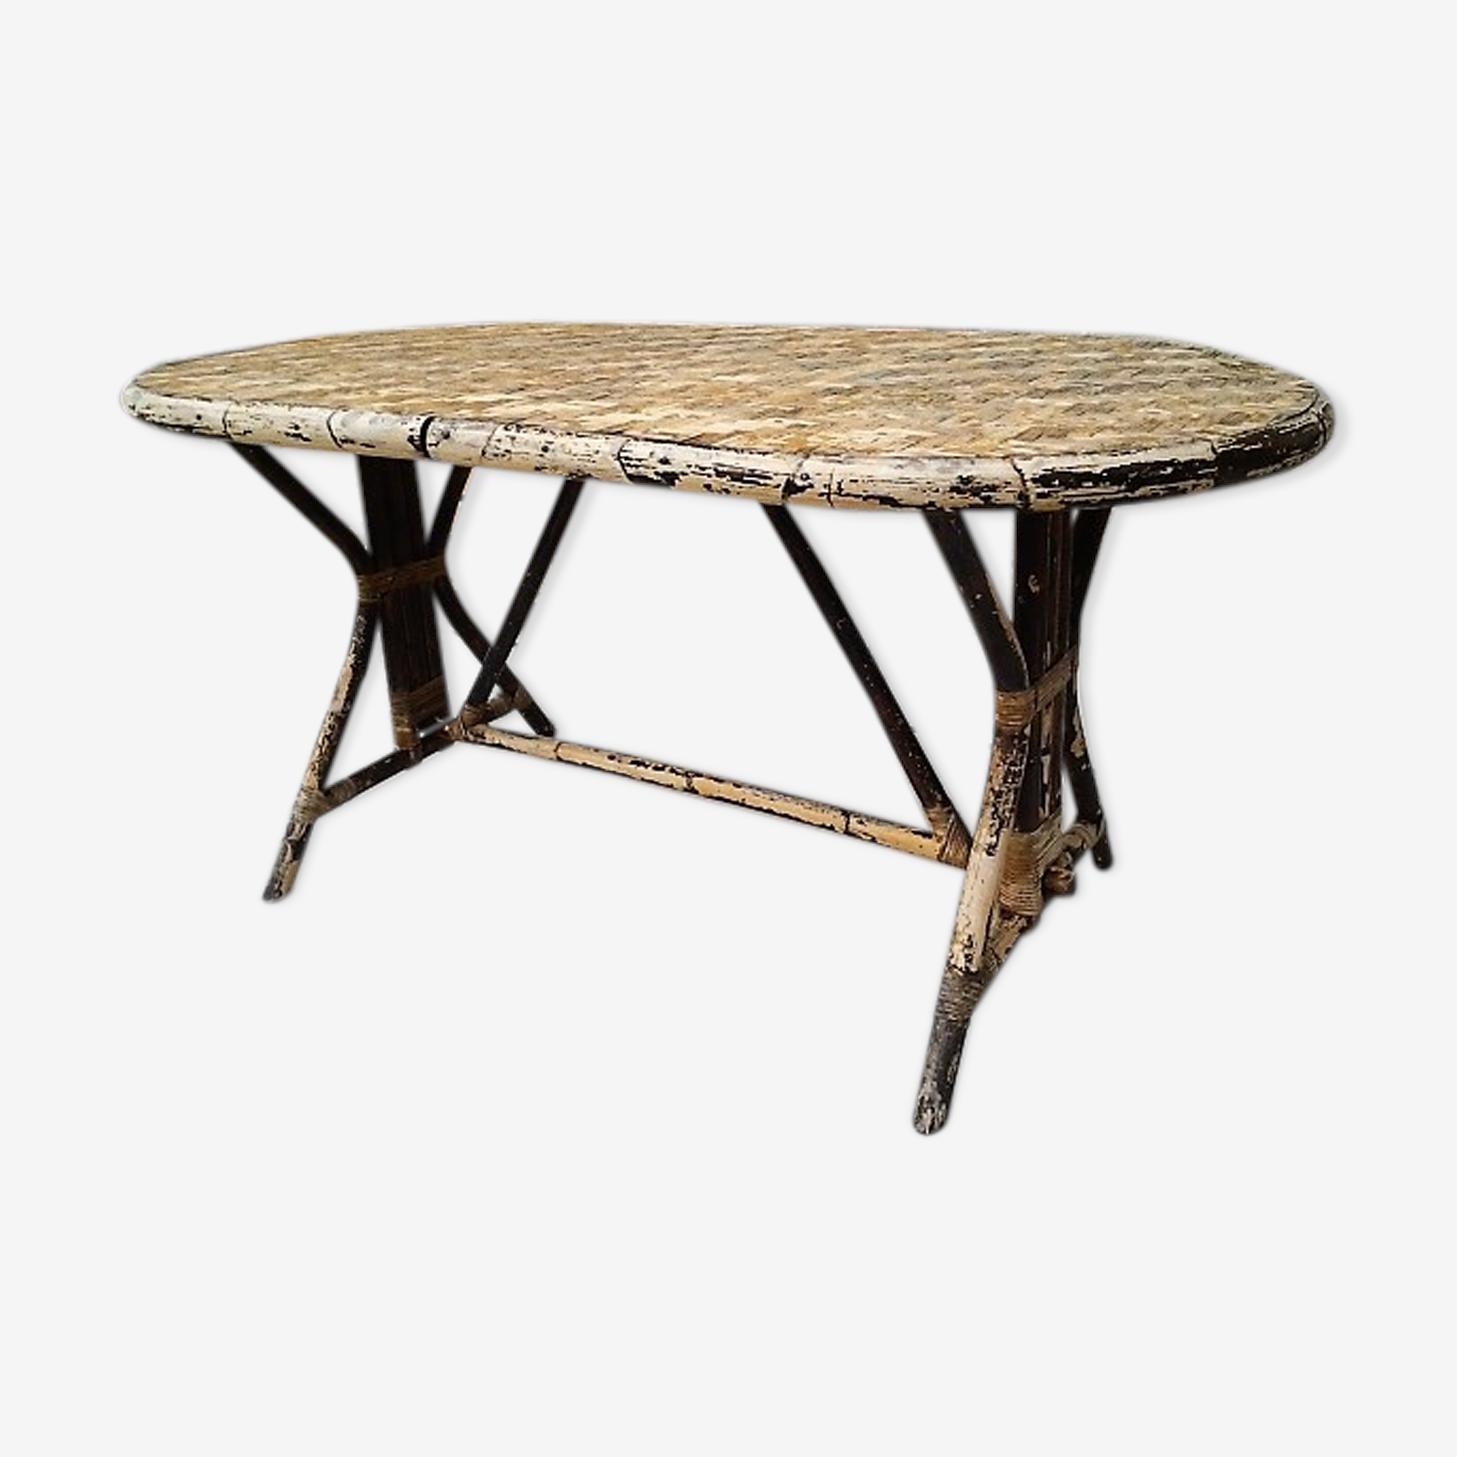 Table en rotin vintage des années 50